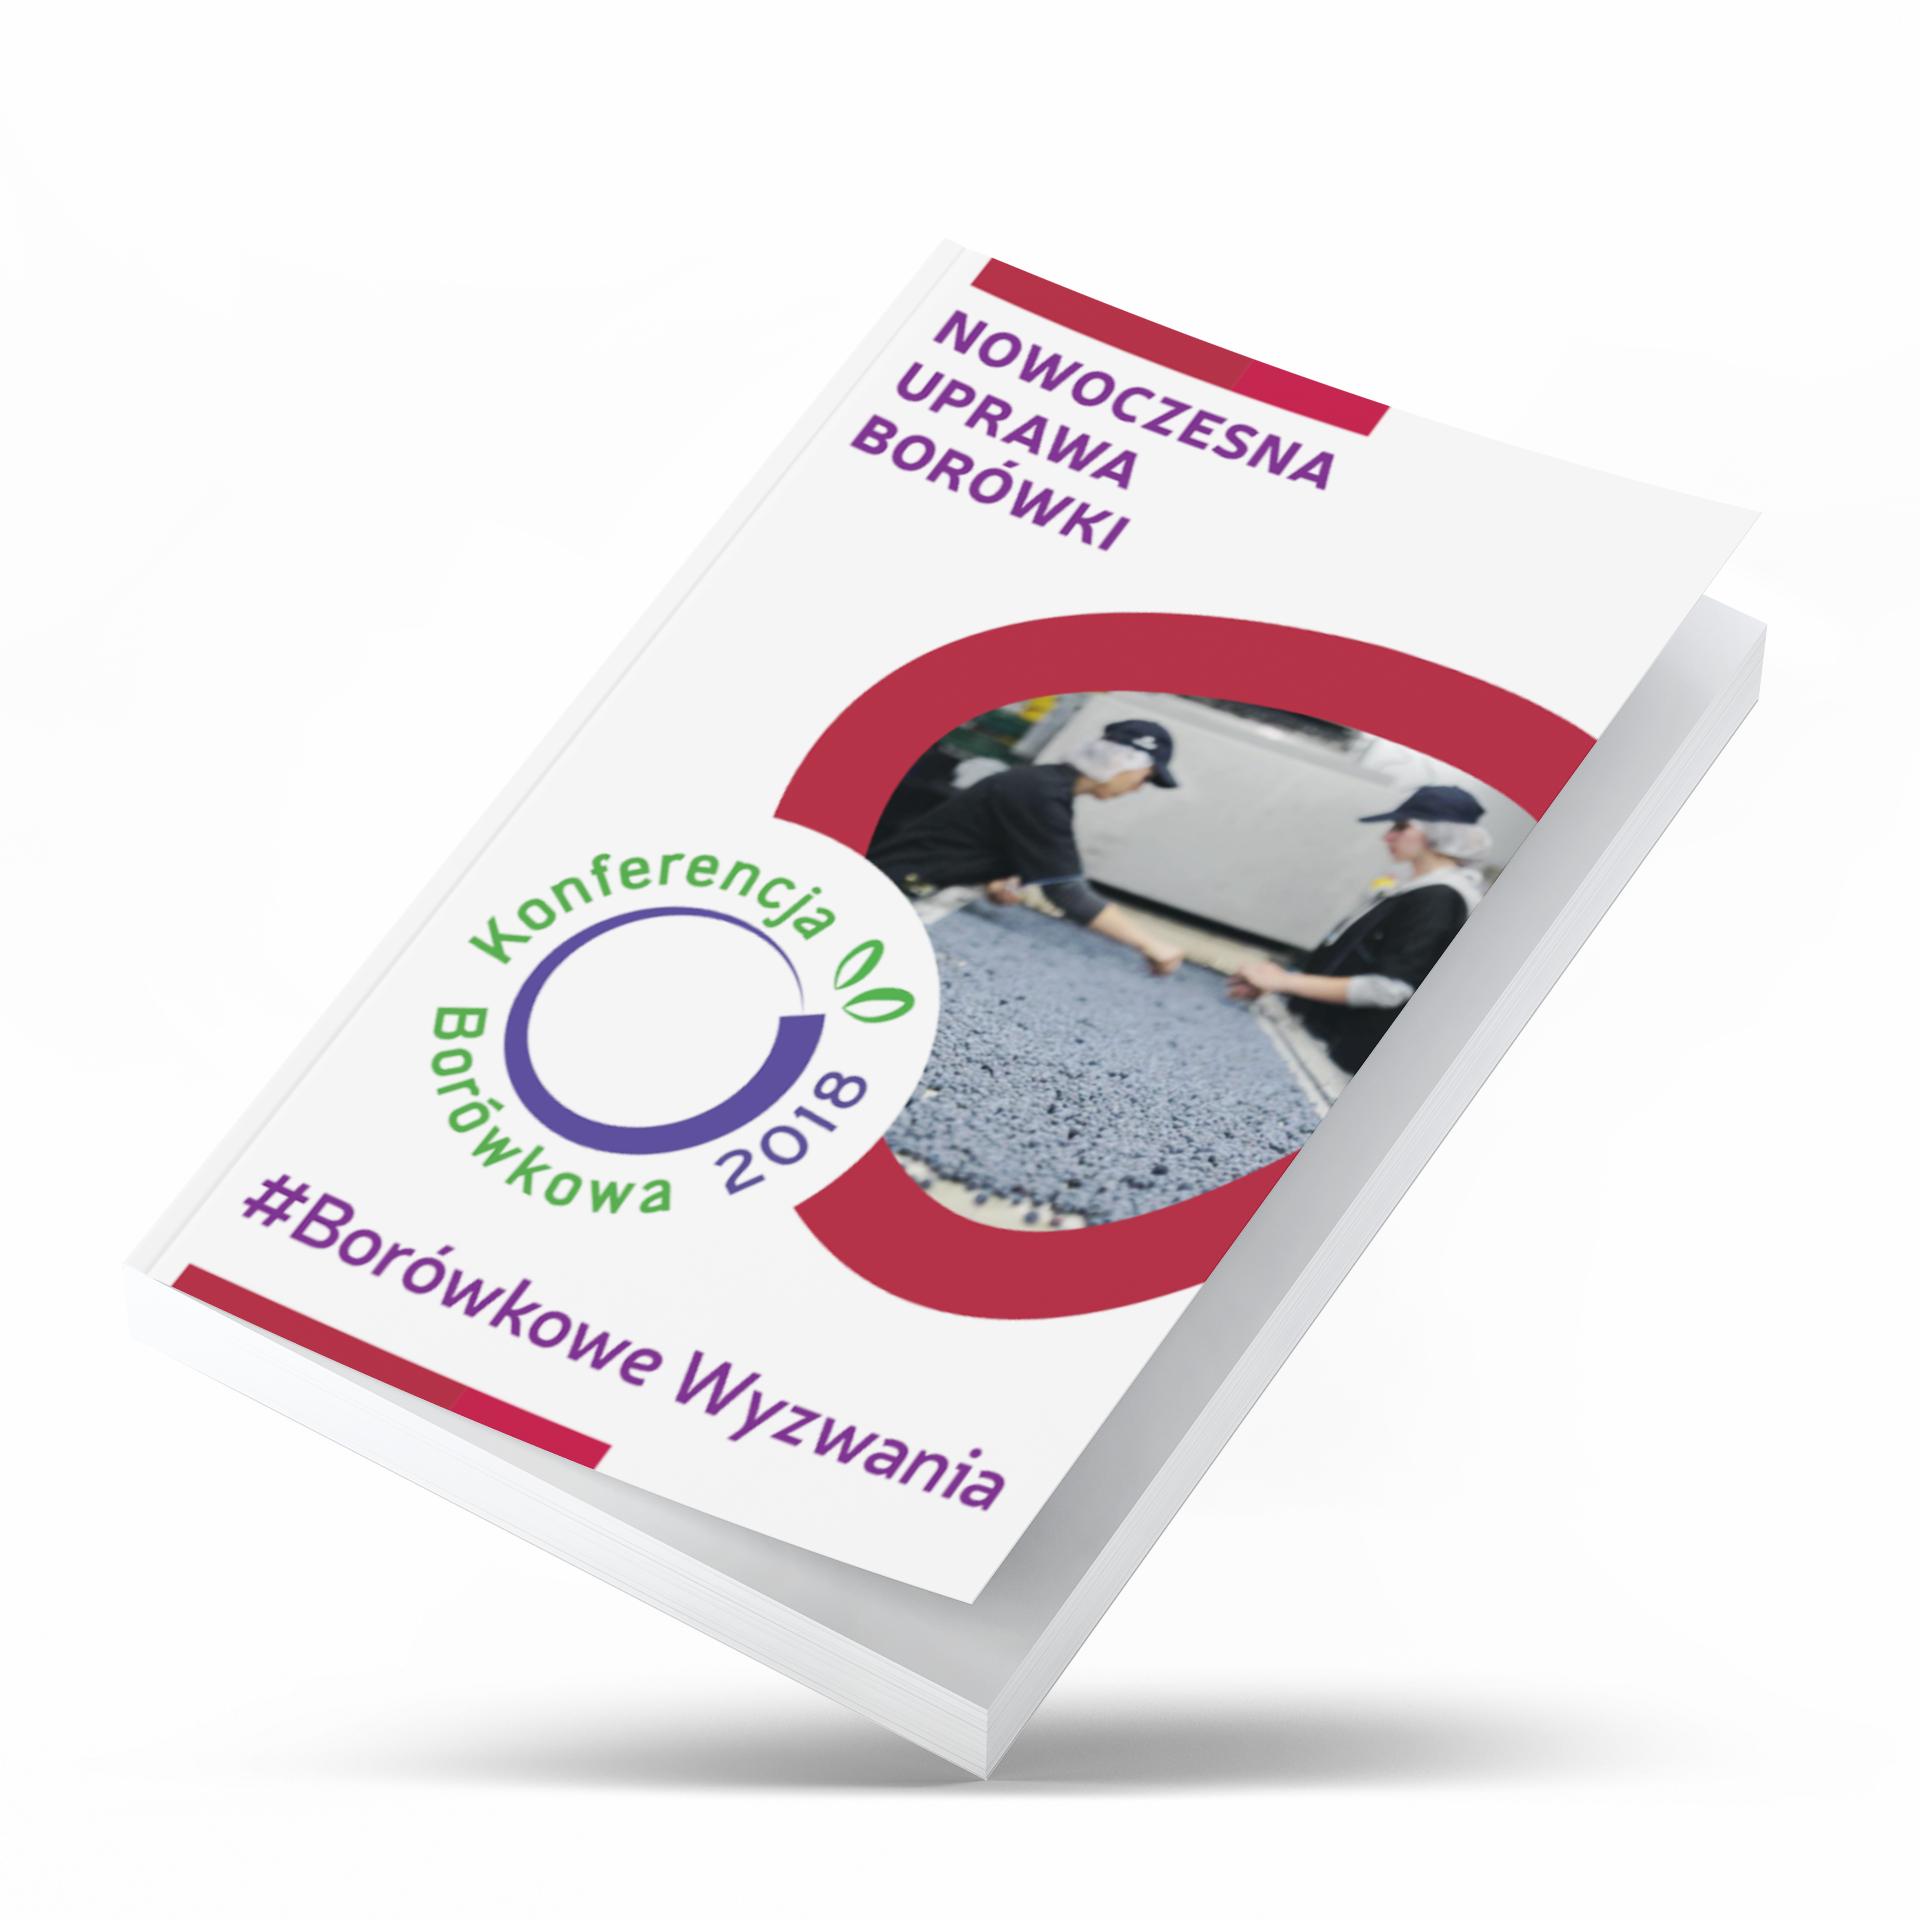 Nowoczesna uprawa borówki – Konferencja Borówkowa 2018